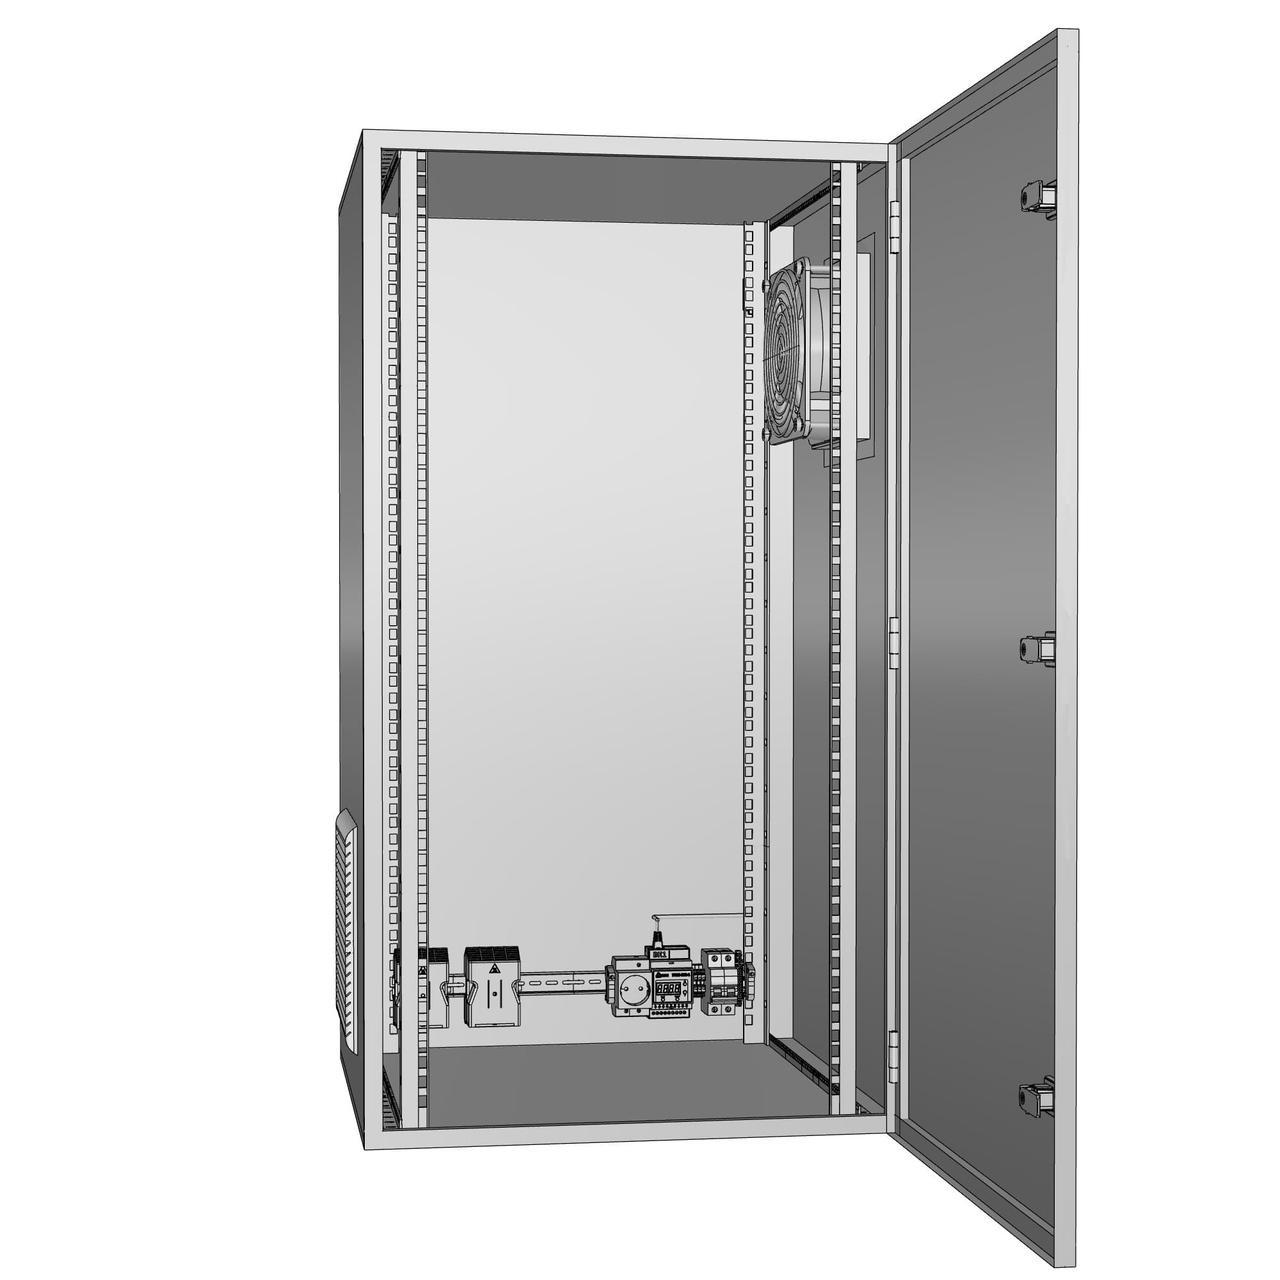 Щит климатический утеплённый с вентиляцией ЩКу- В- 03 - 600×400×200 (В×Ш×Г) IP65